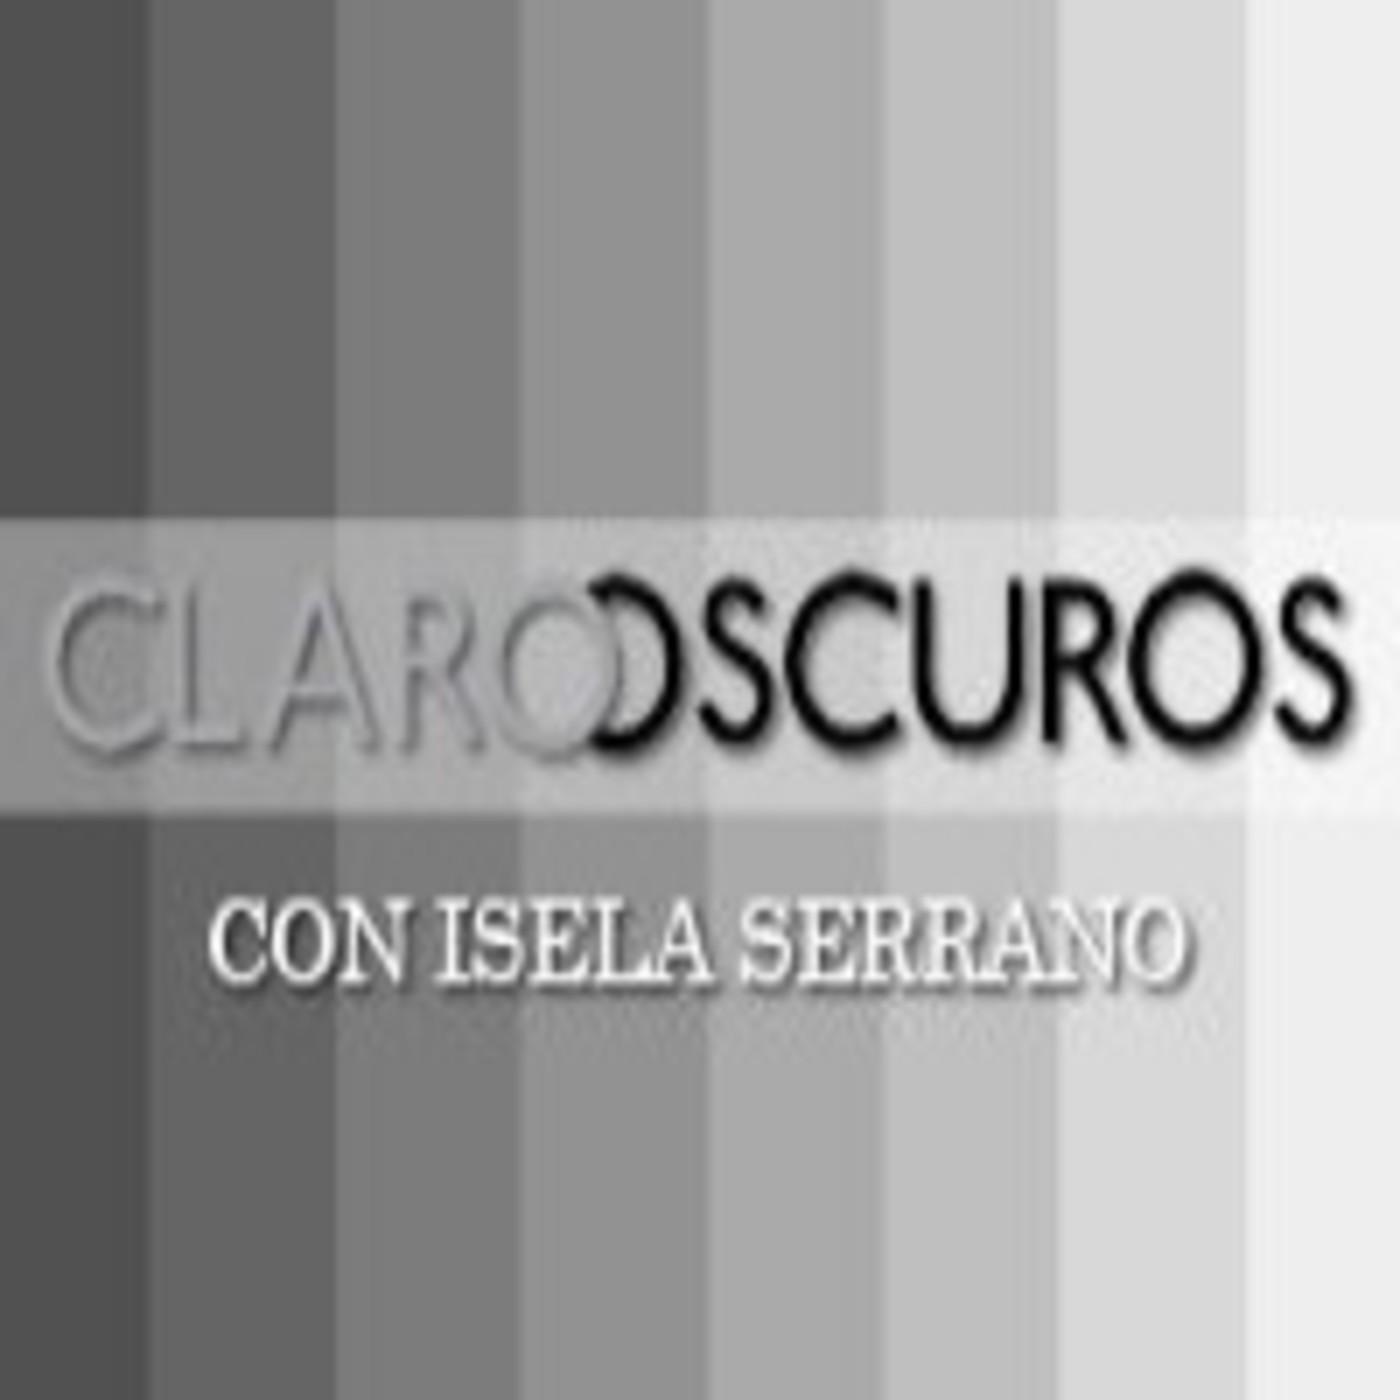 Claroscuros91 - La negociación de Greg Sánchez y los daños de la Reforma Hacendaria (190514)